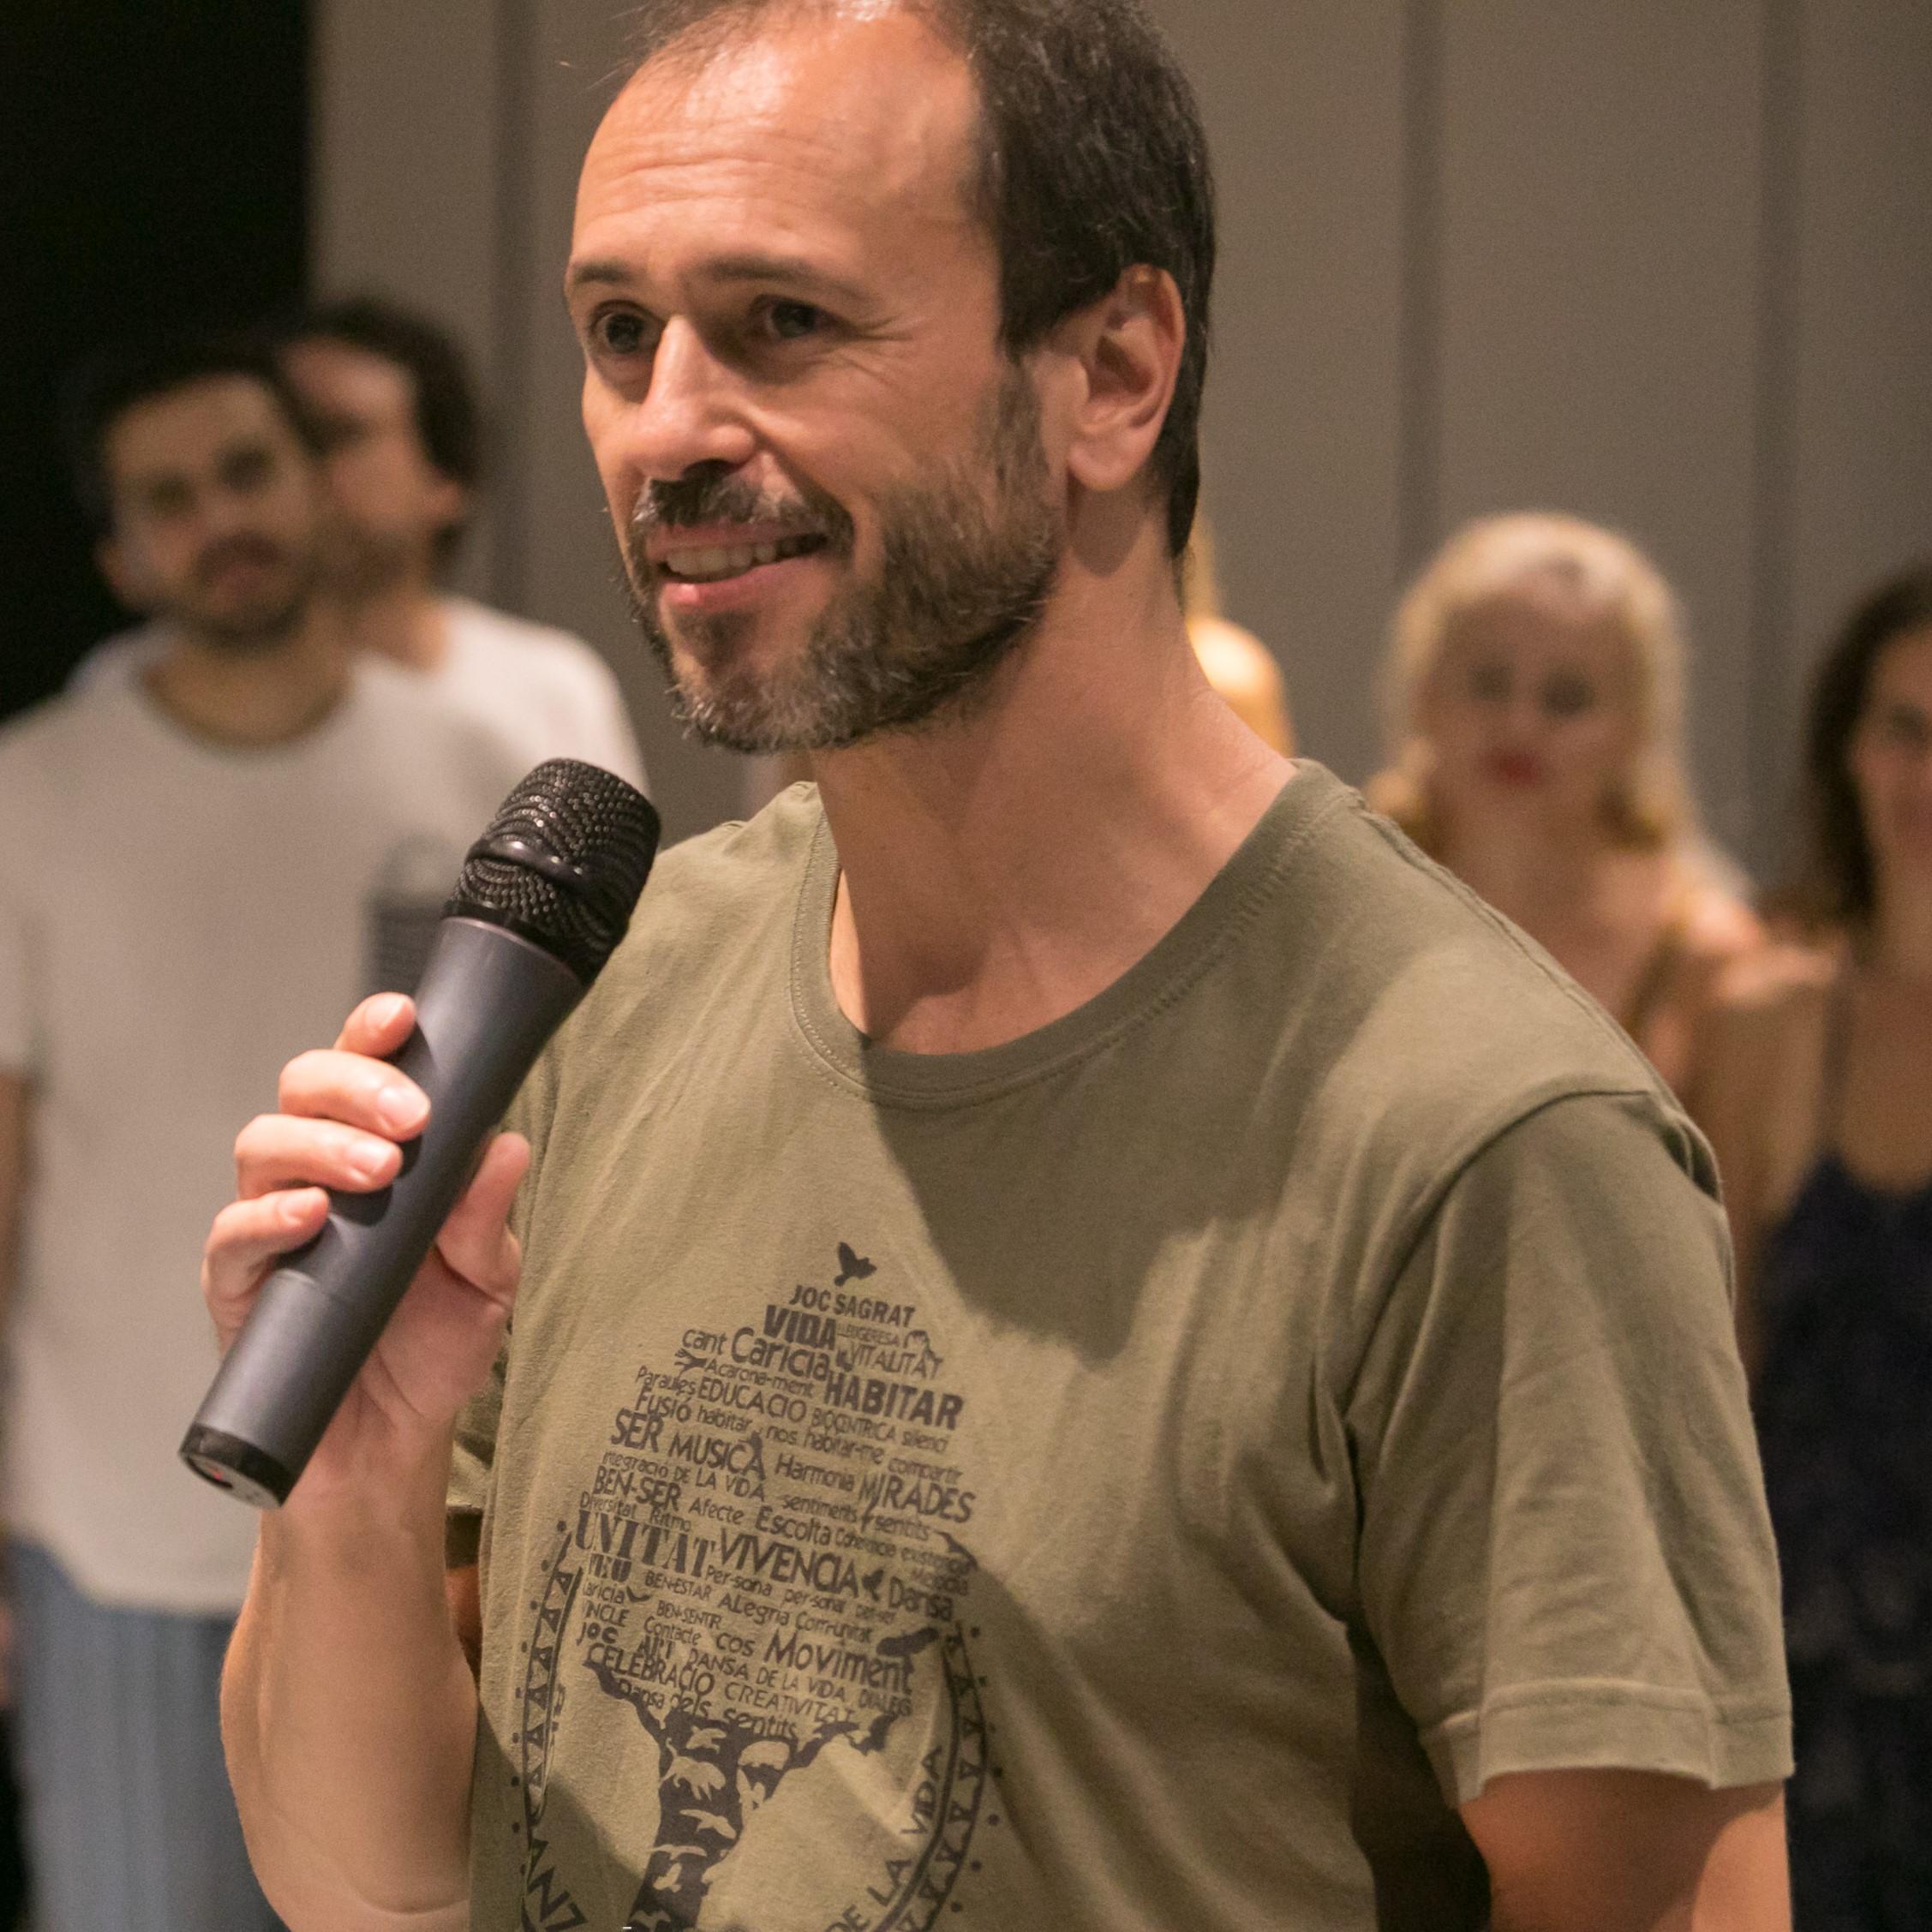 Fernando Tucho